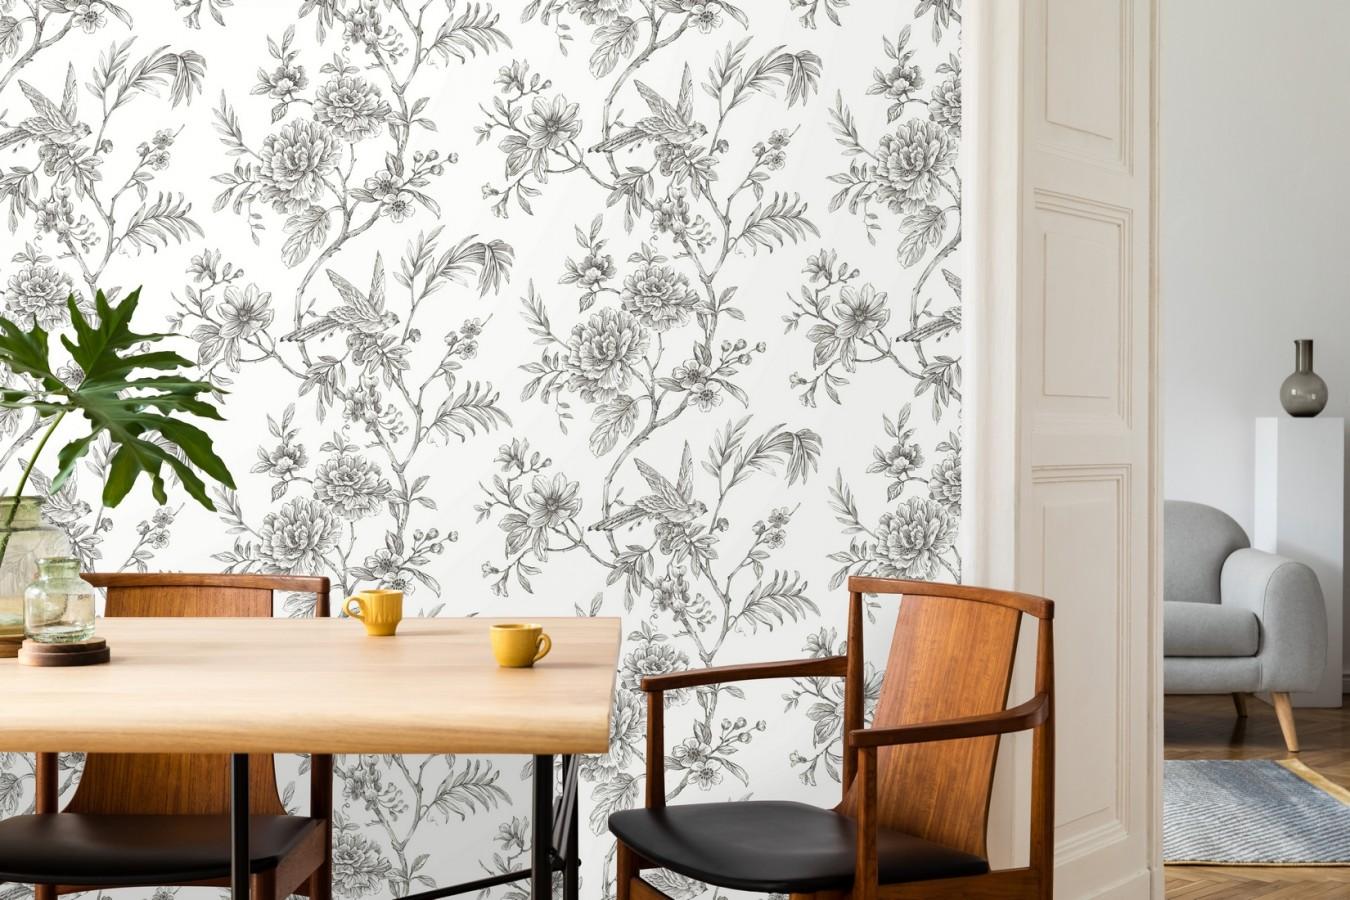 Papel pintado pájaros y hojas dibujado a carboncillo La Bohème 679488